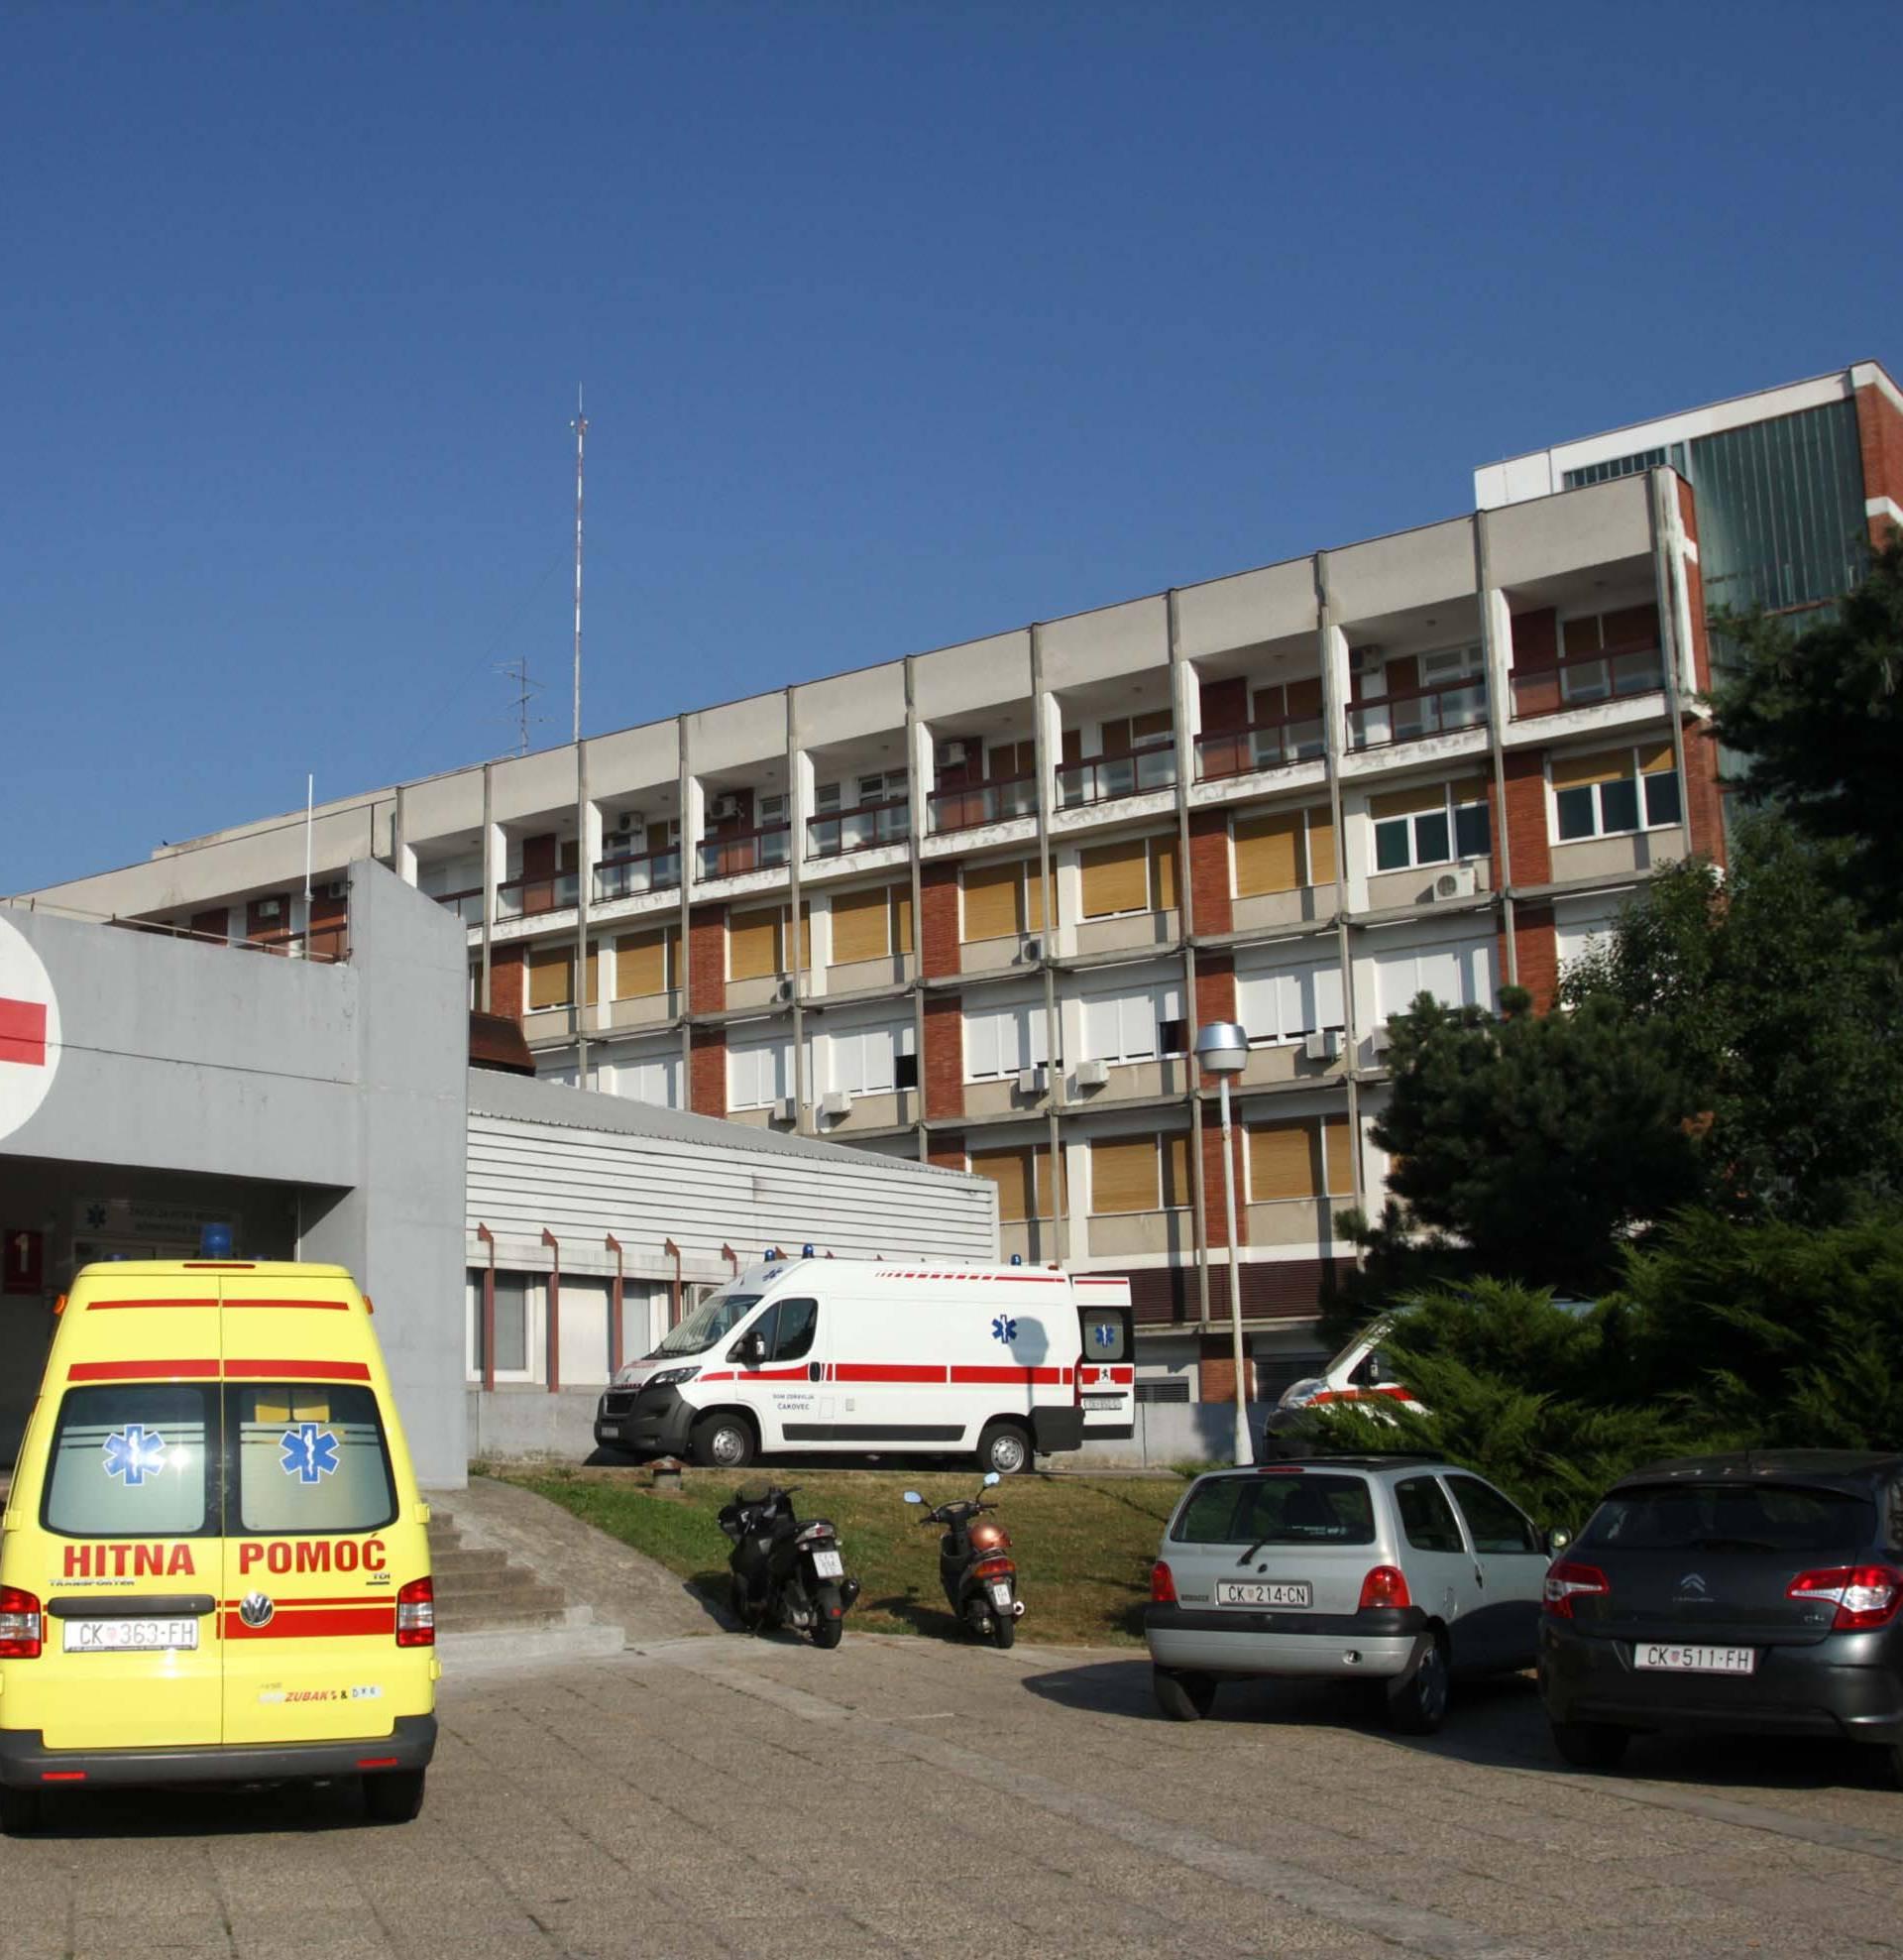 Završili u bolnici: Učenici iz Preloga se otrovali hranom?